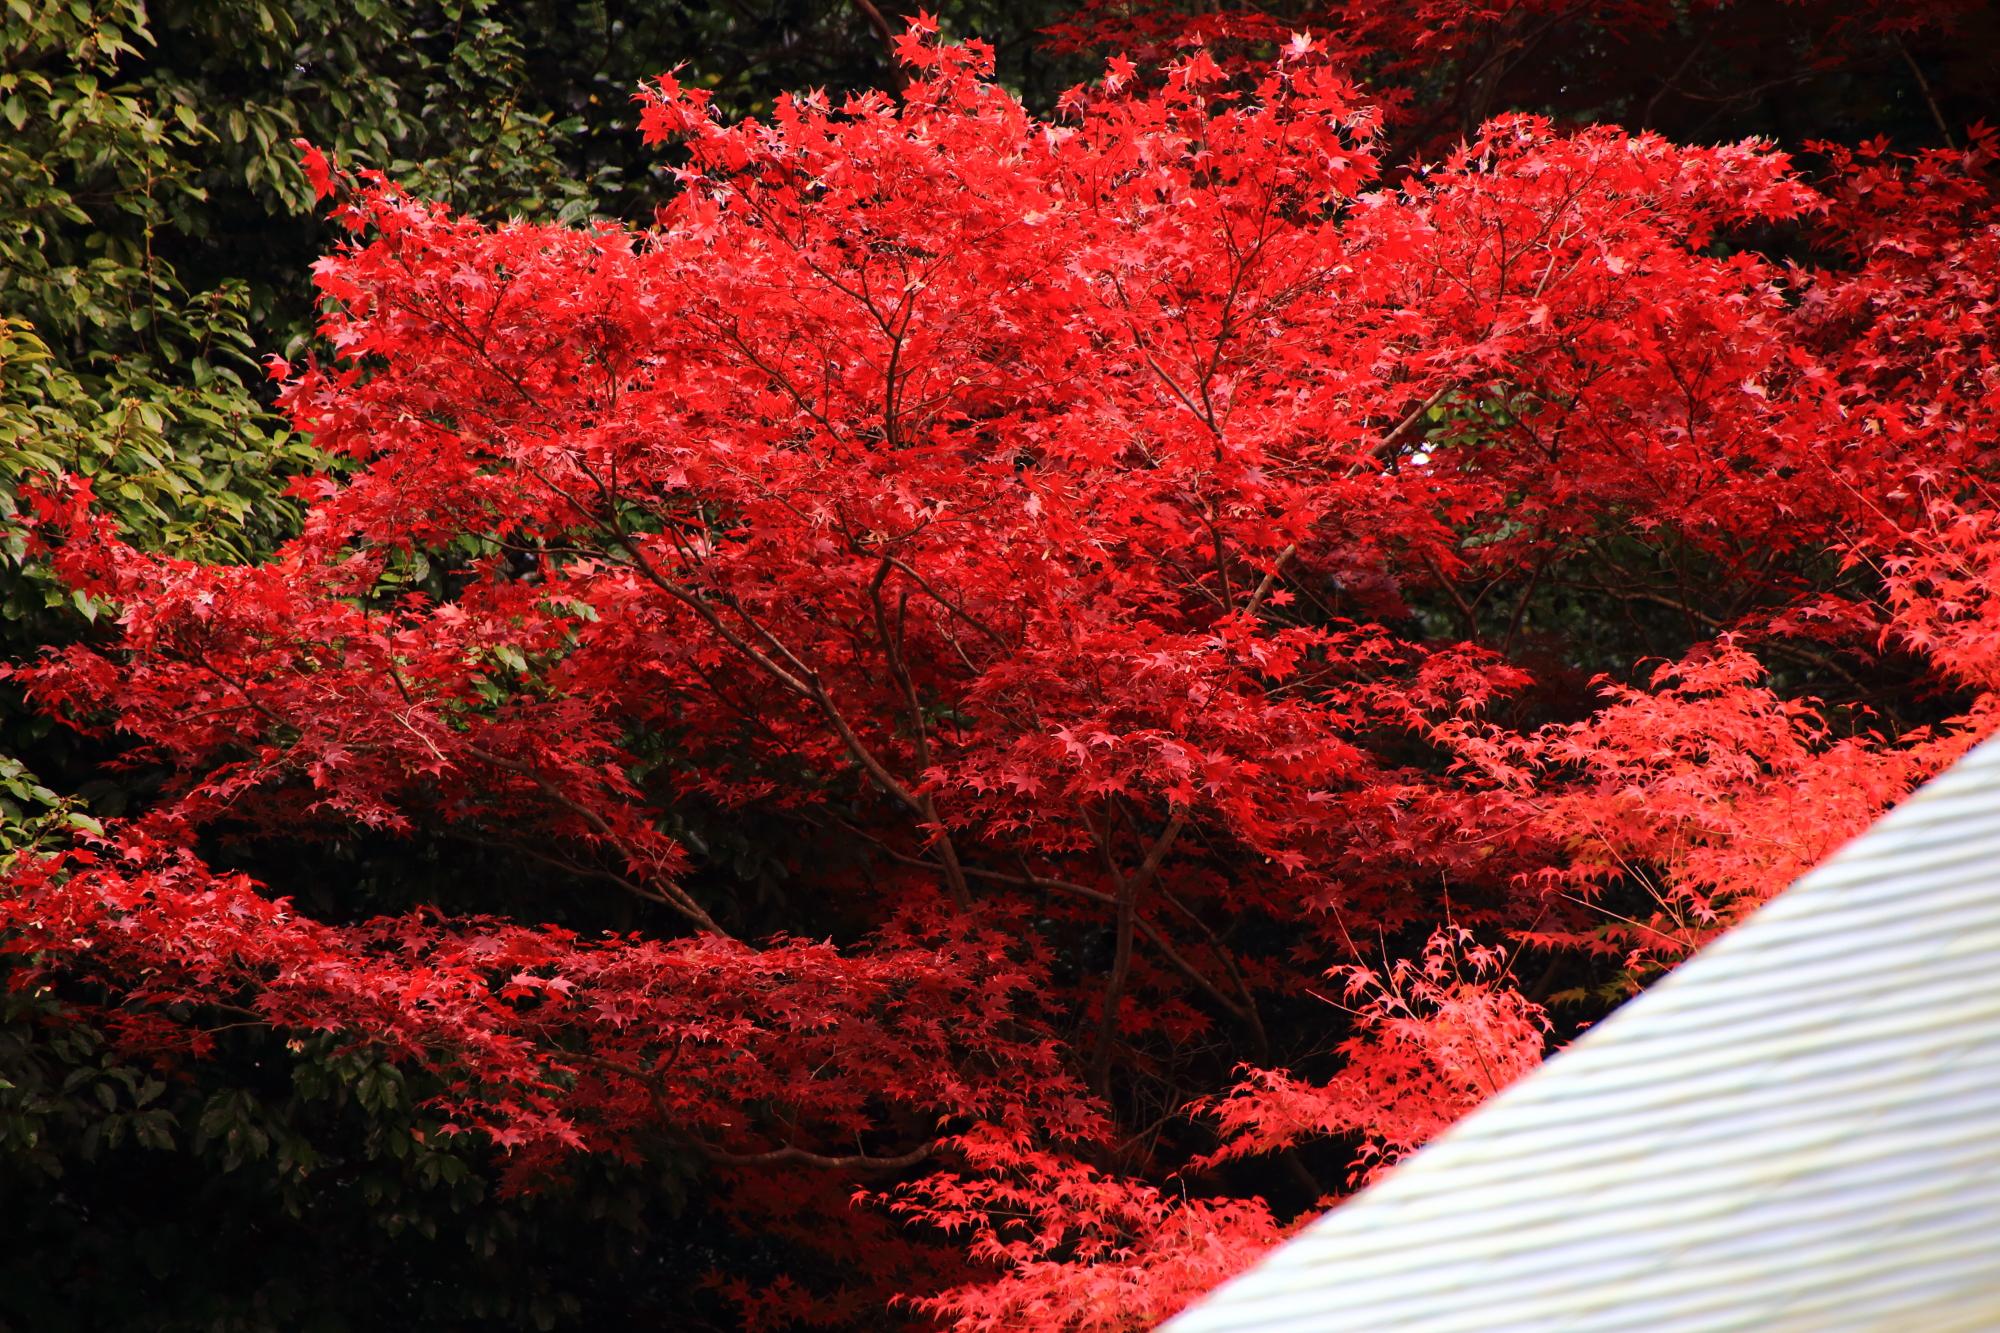 東福寺塔頭の龍吟庵の東庭「不離の庭」の見ごろの綺麗な紅葉